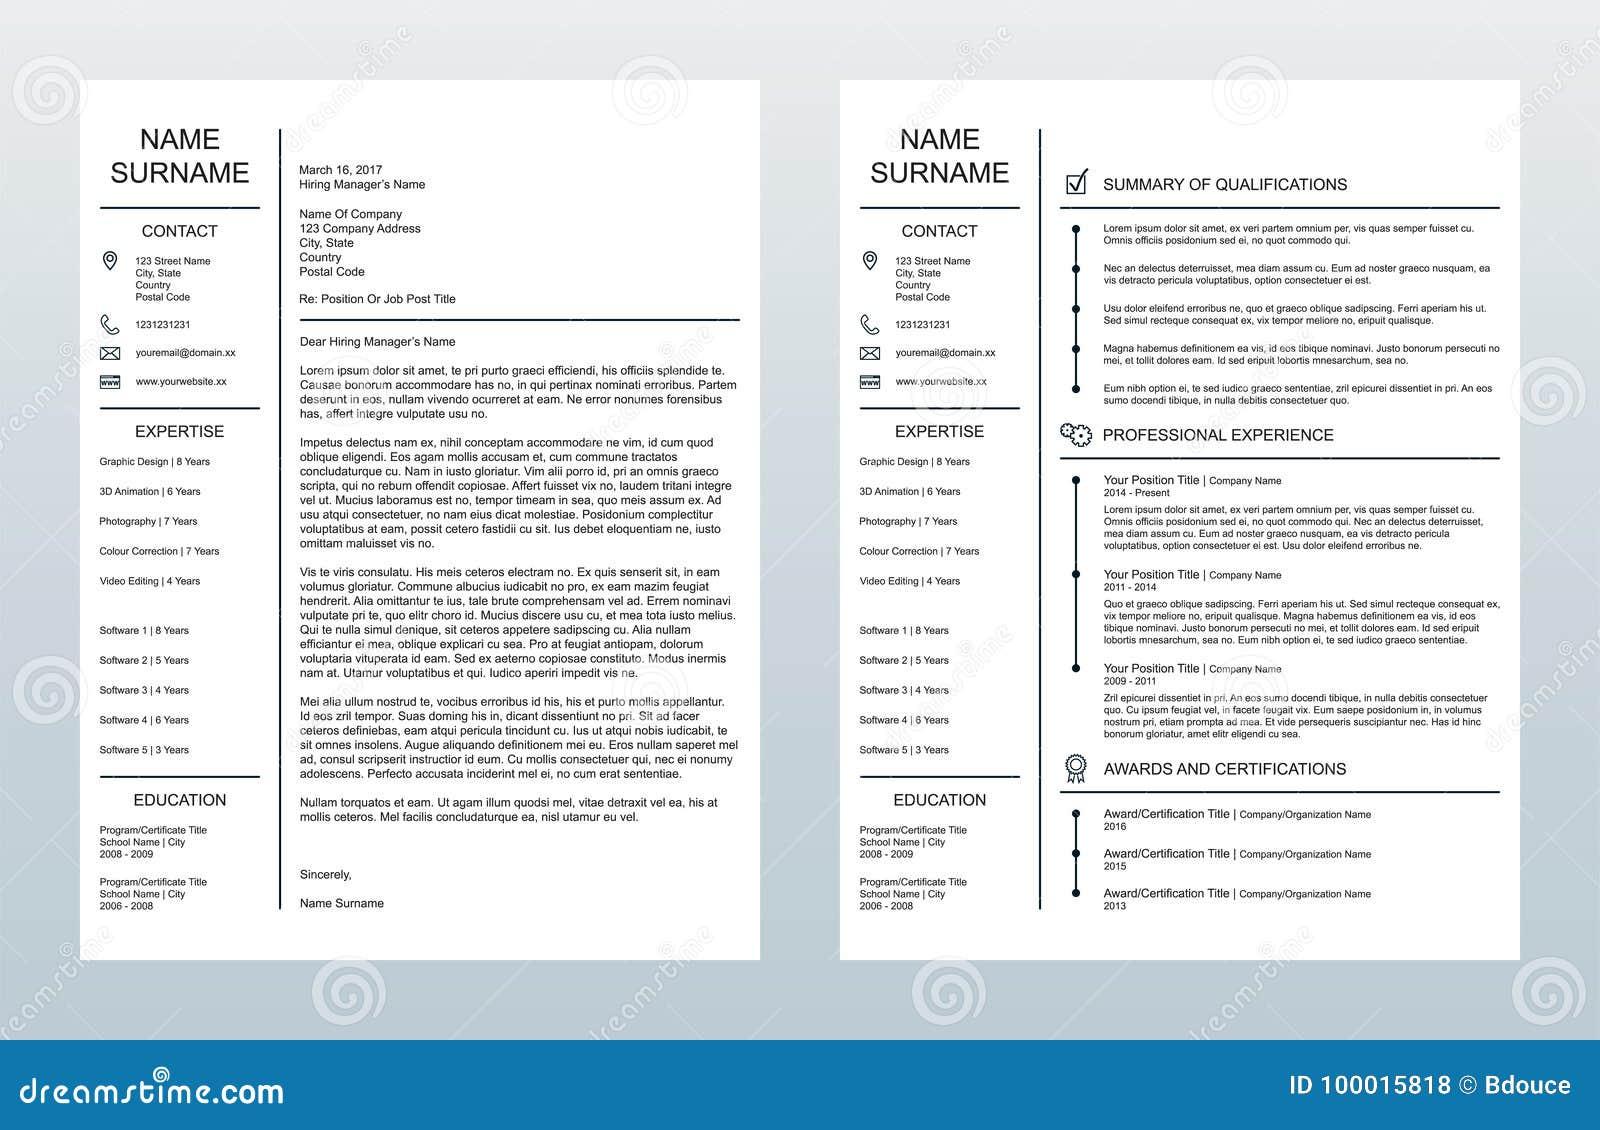 lettre d u0026 39 accompagnement cr u00e9ative minimaliste de vecteur et un calibre de la page resume  cv sur